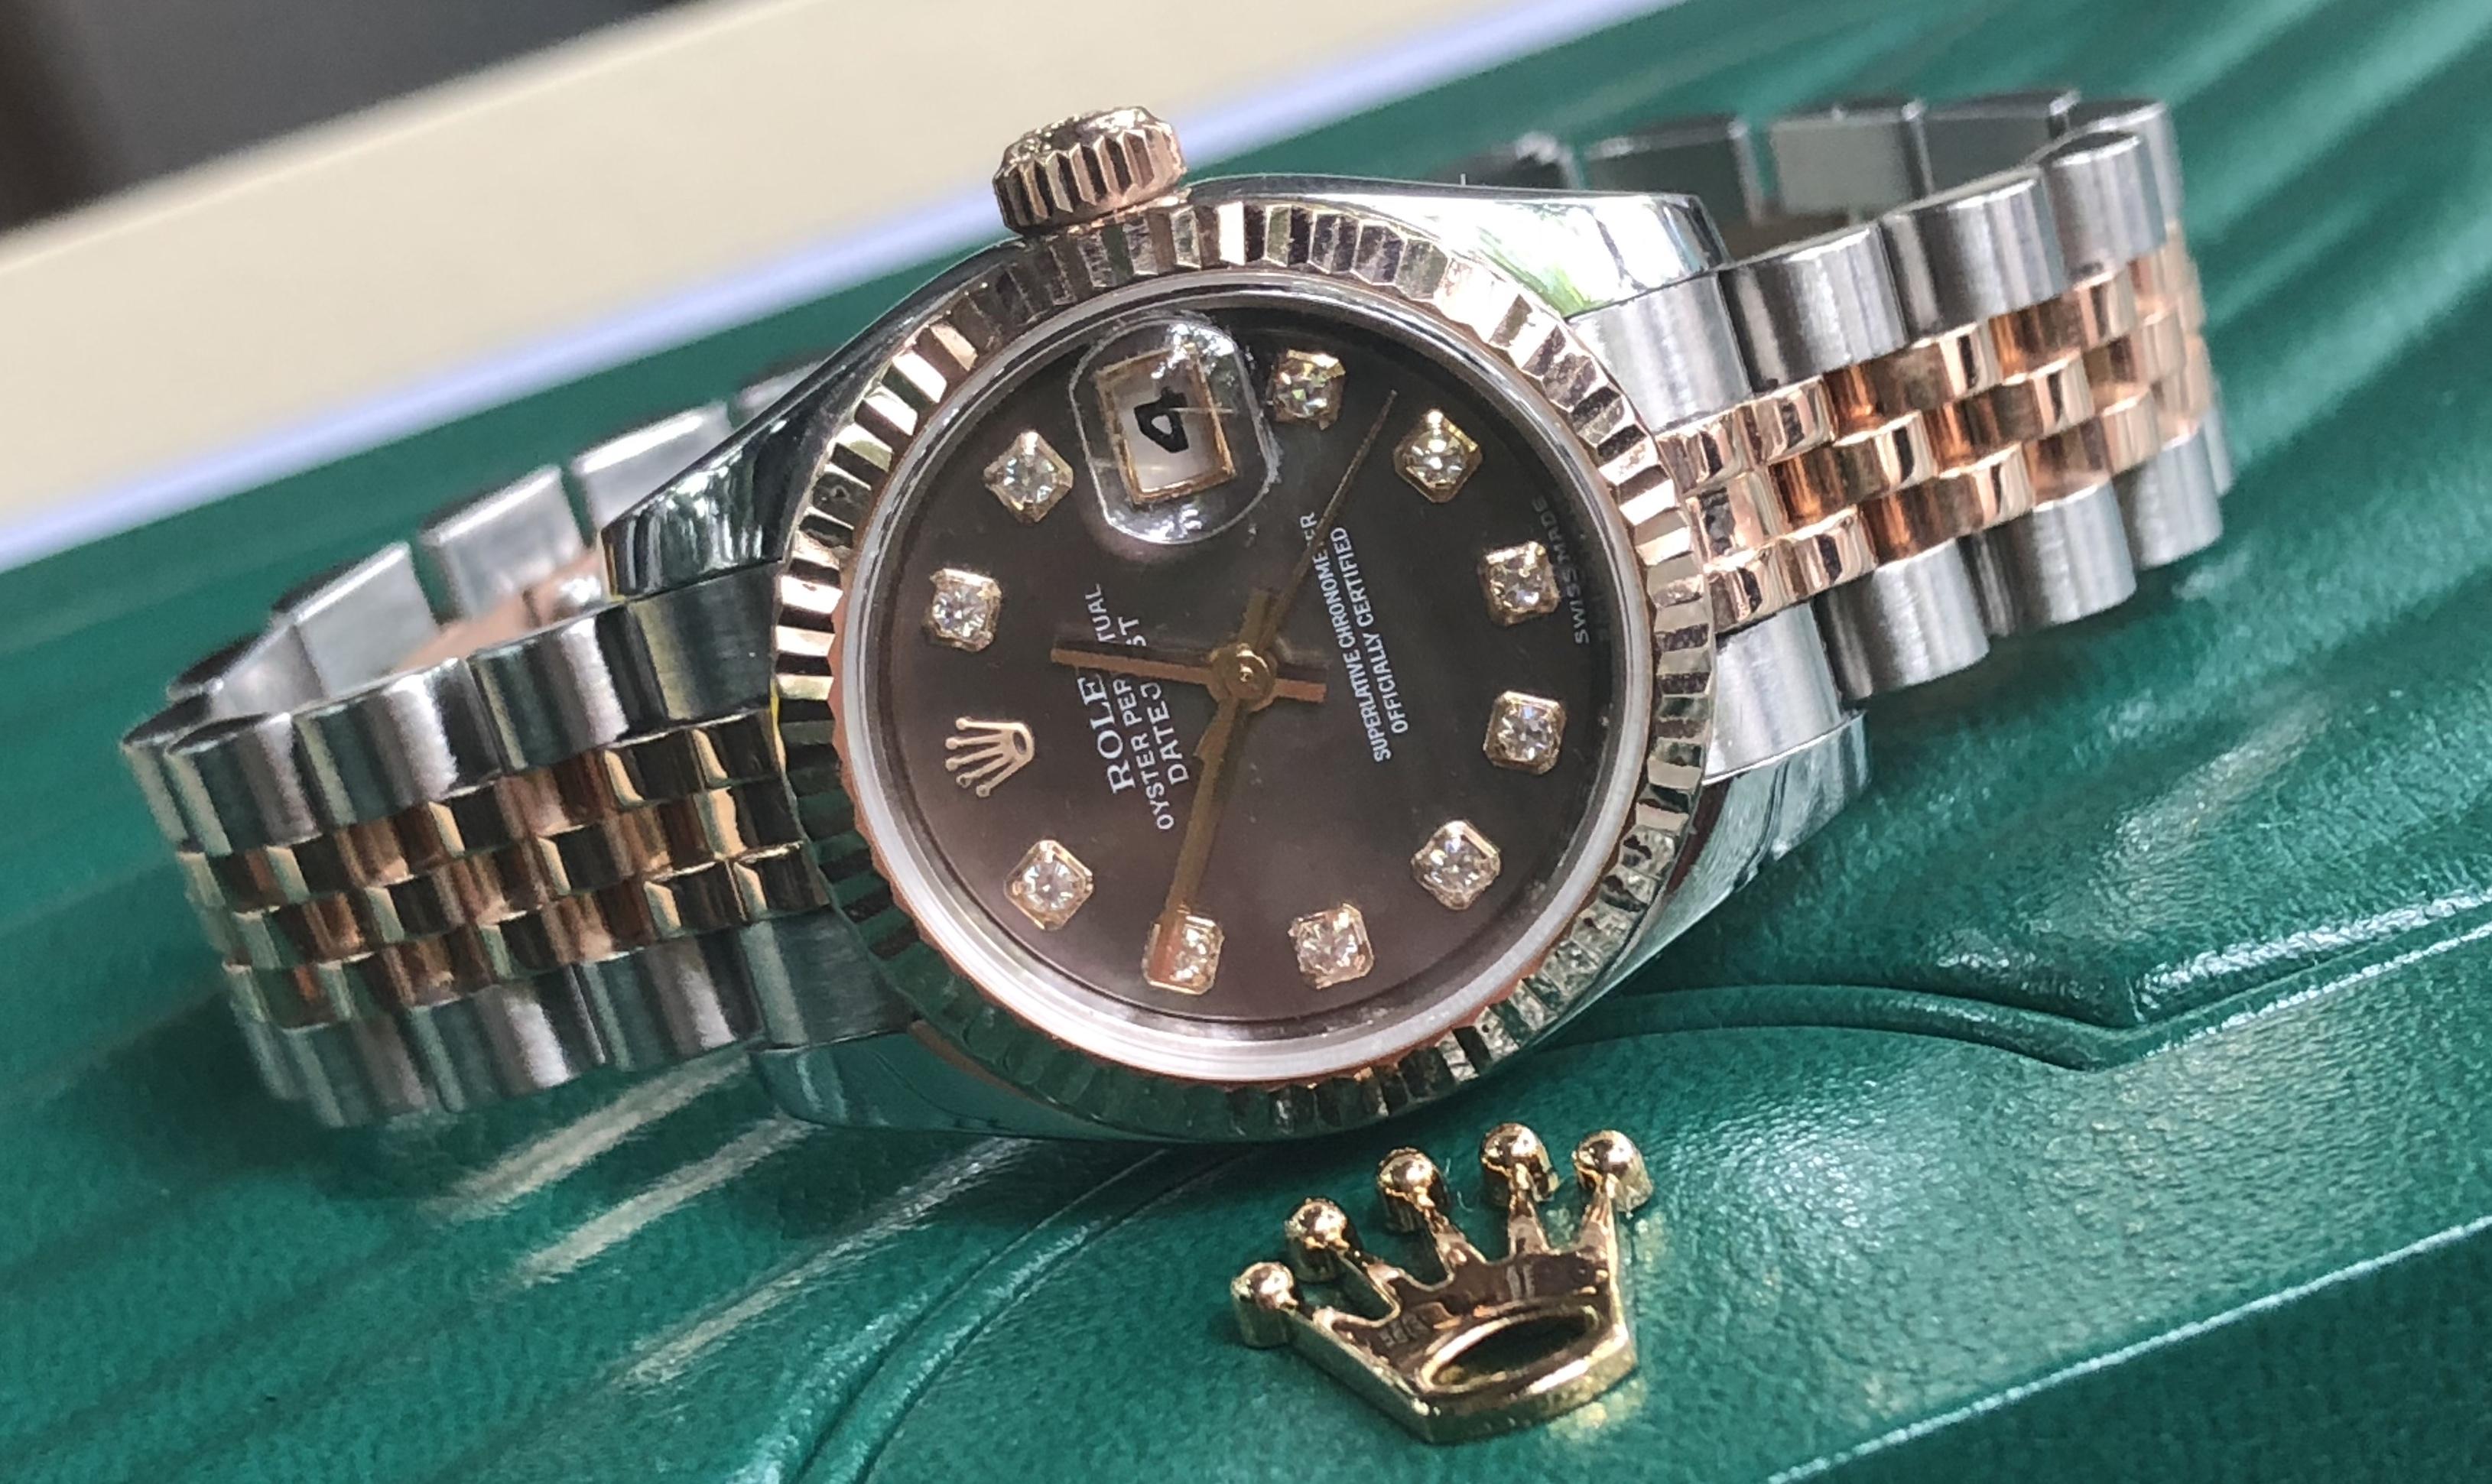 Rolex 179171 demi vàng hồng 18k mặt ốc tím đời 2015